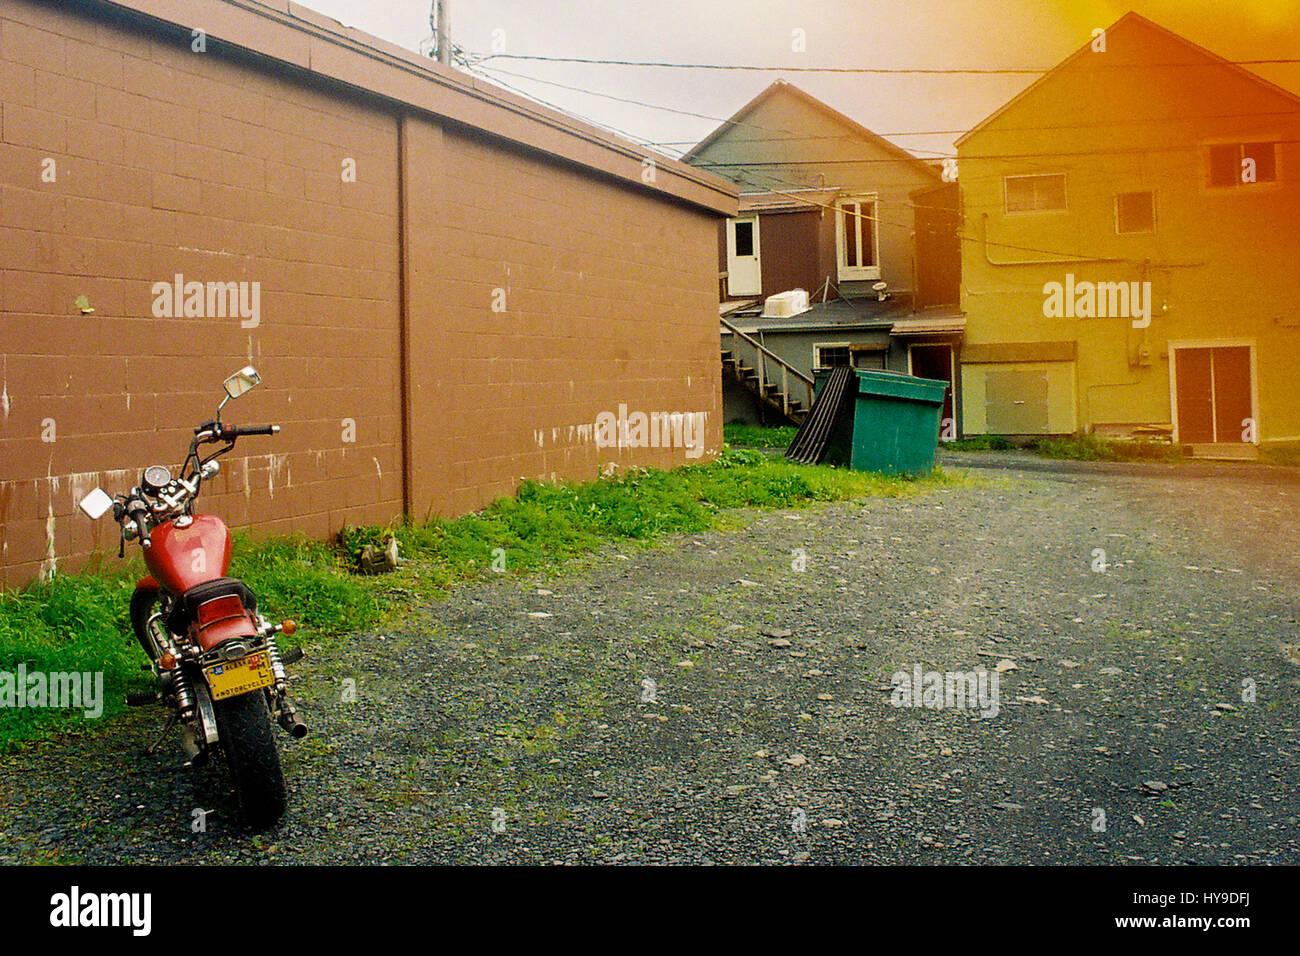 Acheter Gravier Pour Allée une moto est garée sur une allée de gravier en alaska avec